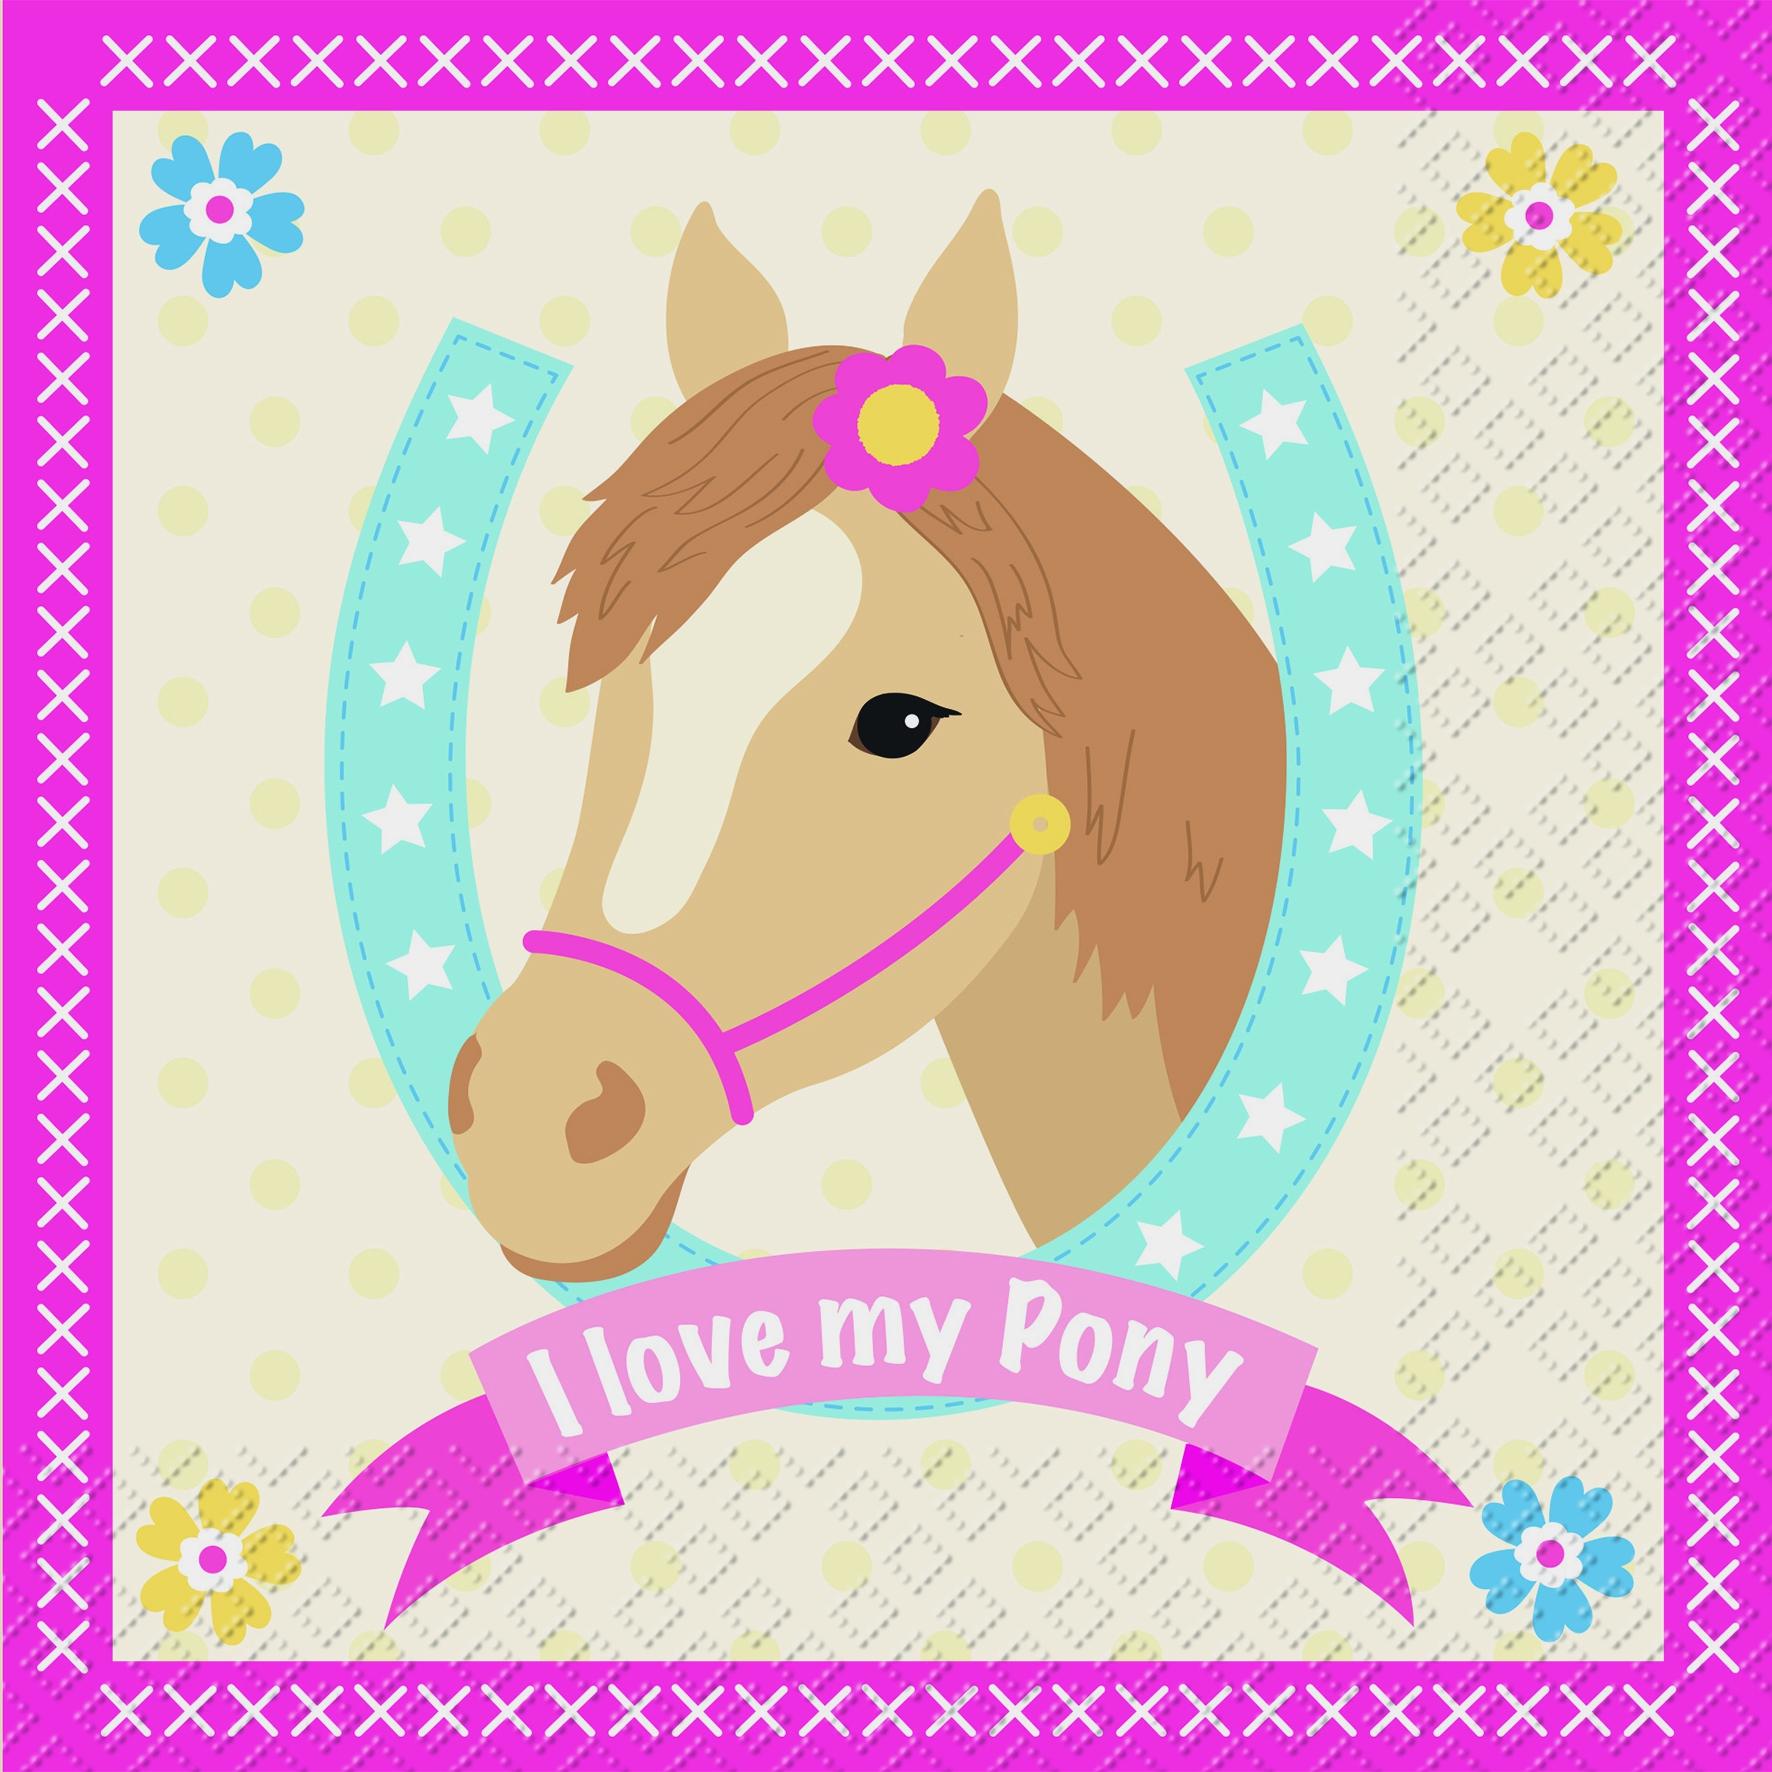 Lunch Servietten Pony,  Sonstiges - Schriften,  Tiere - Pferde,  Everyday,  lunchservietten,  Pferde,  Schriften